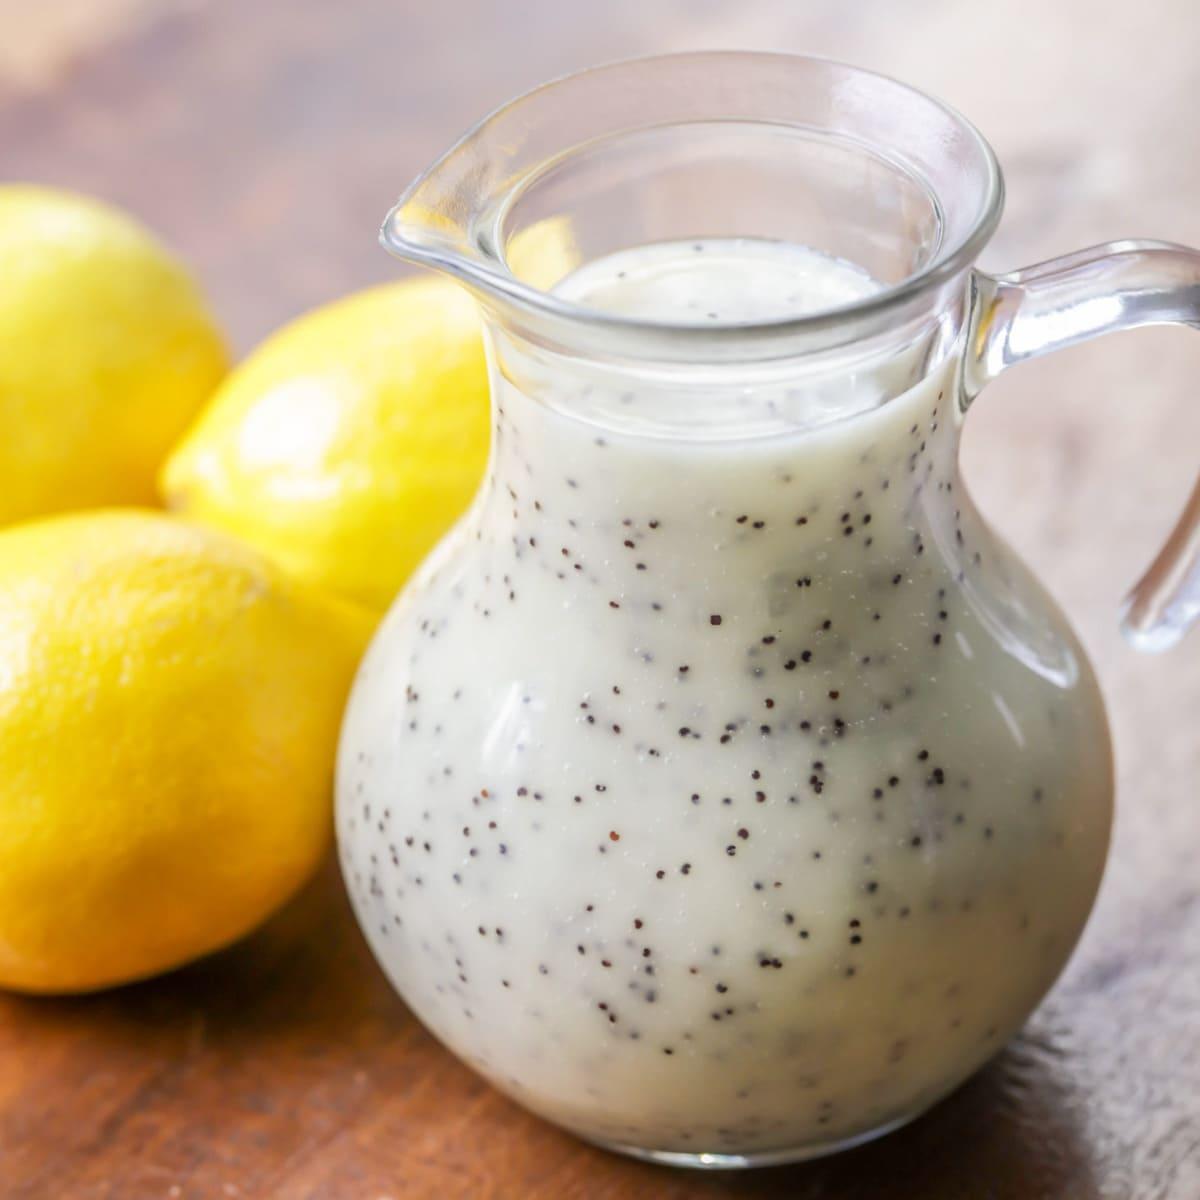 Lemon Poppyseed Dressing recipe